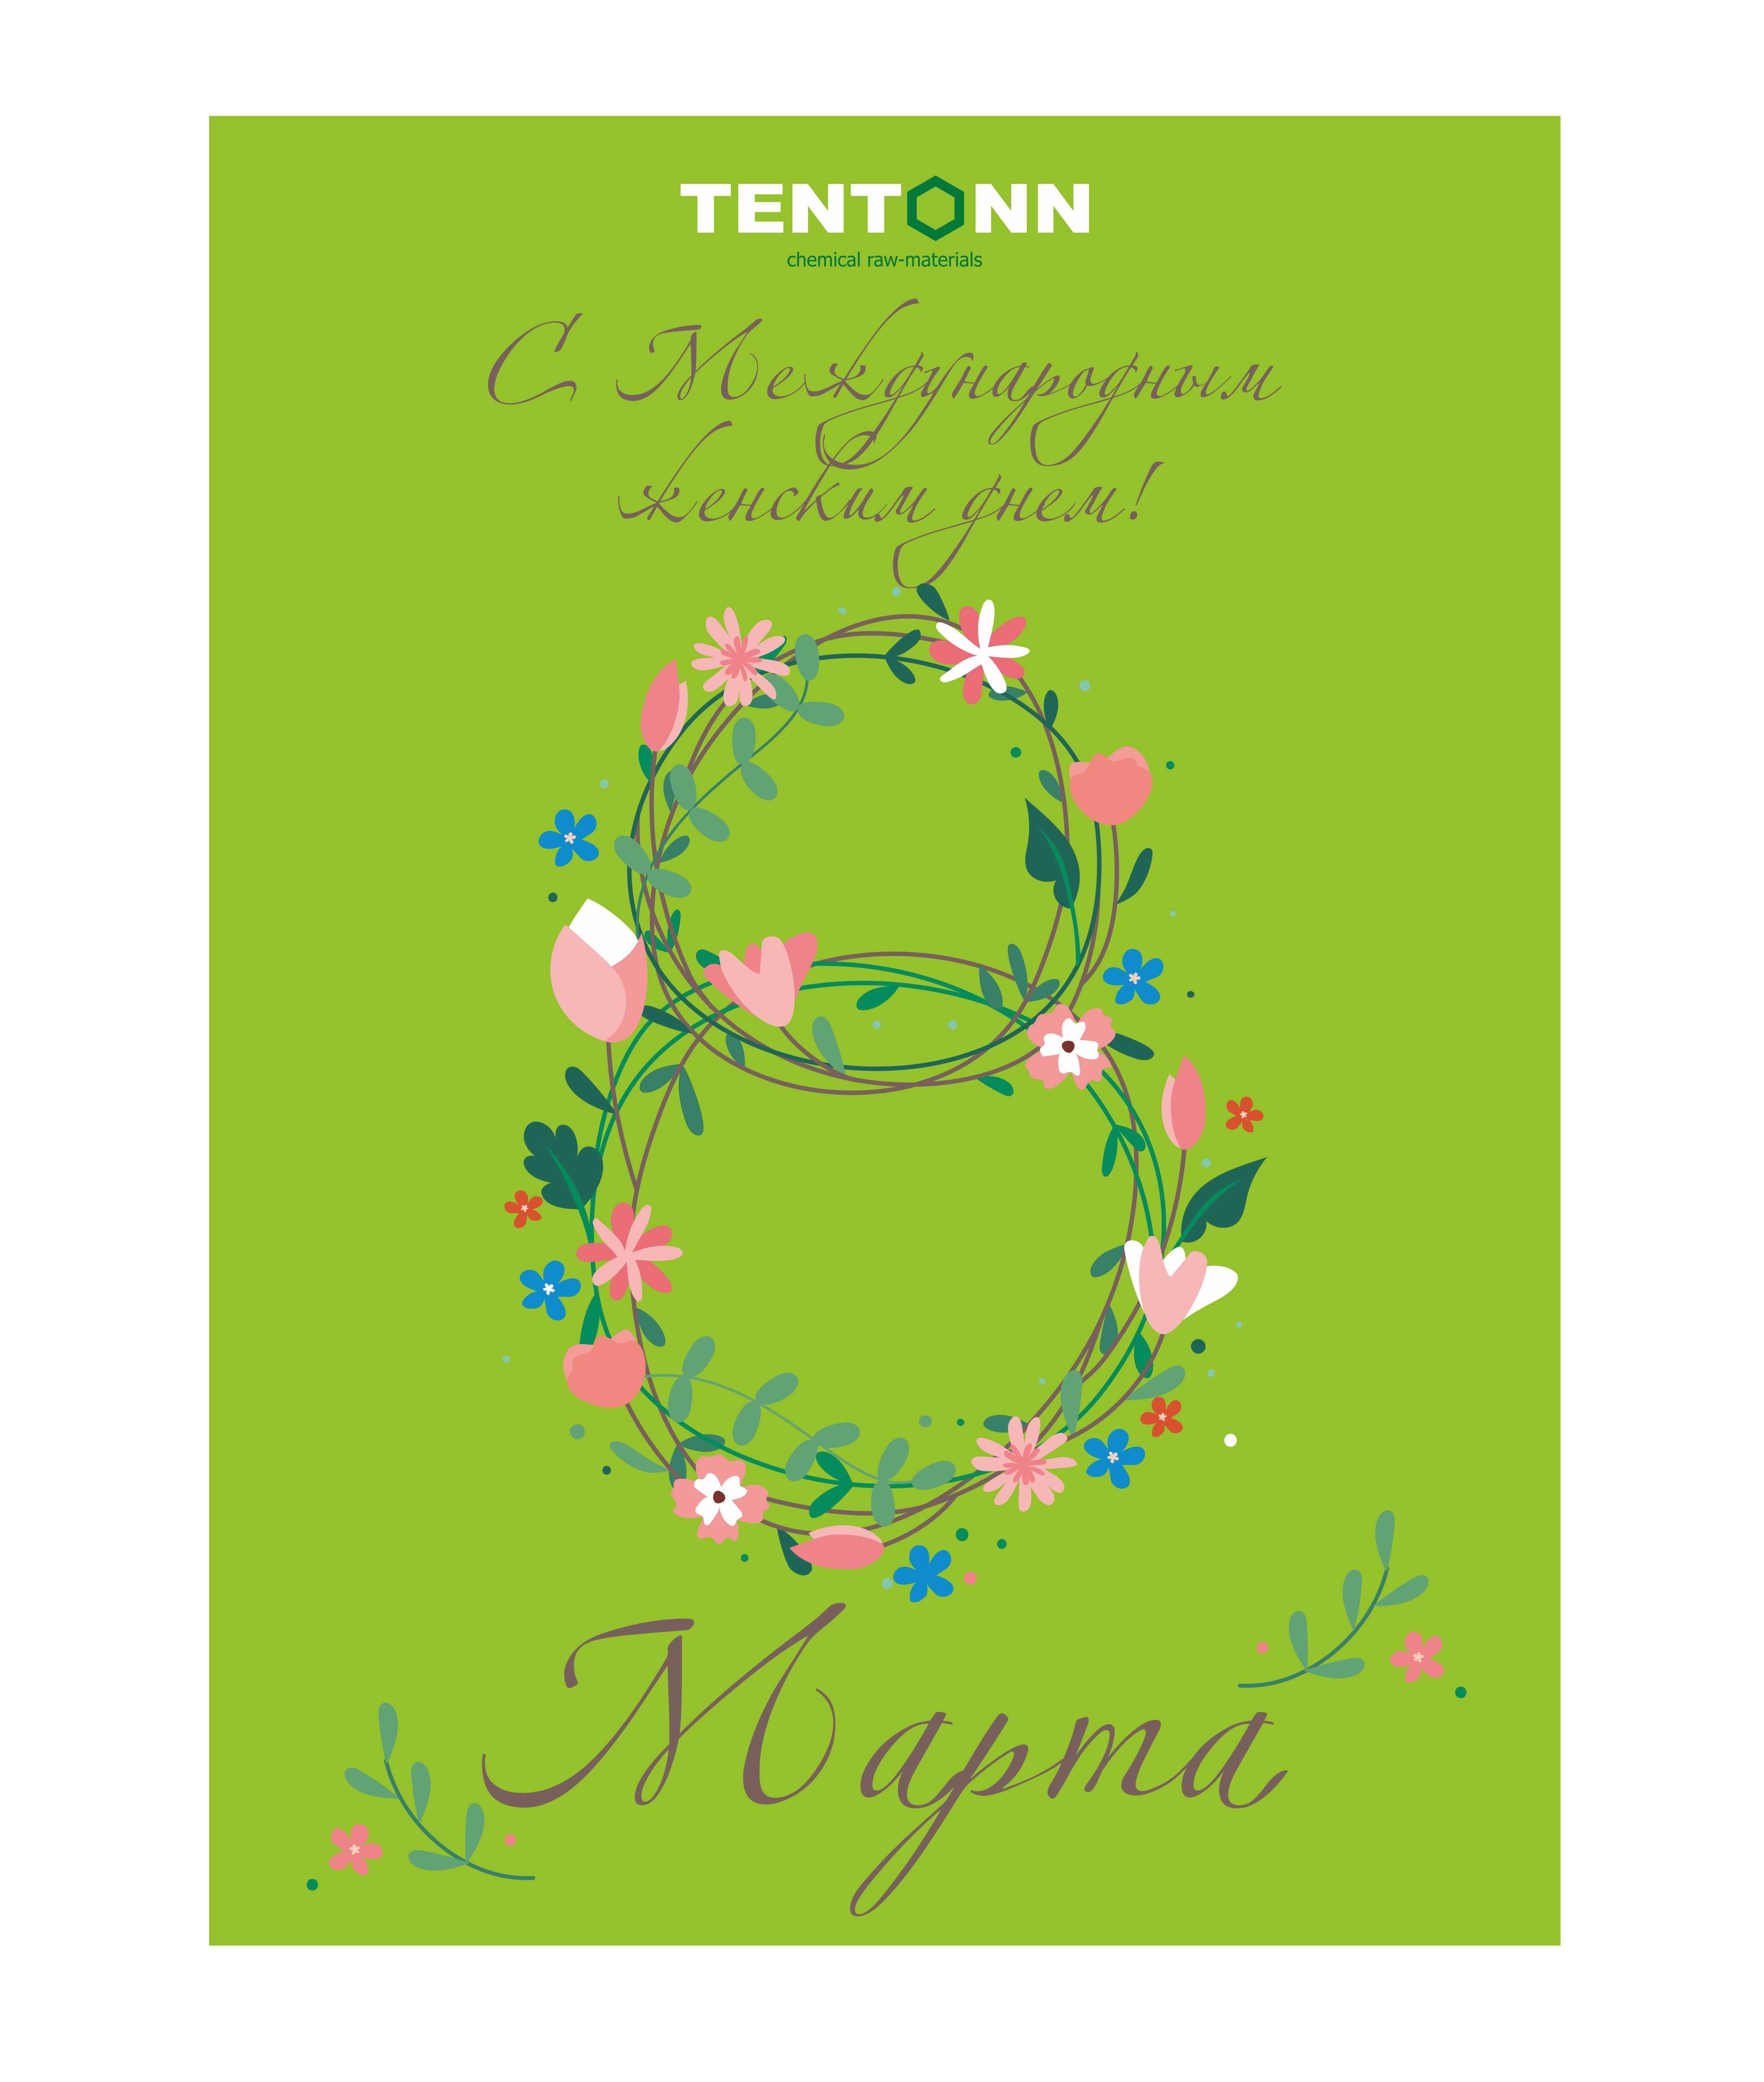 TENTONN поздравляет с Международным женским днем!